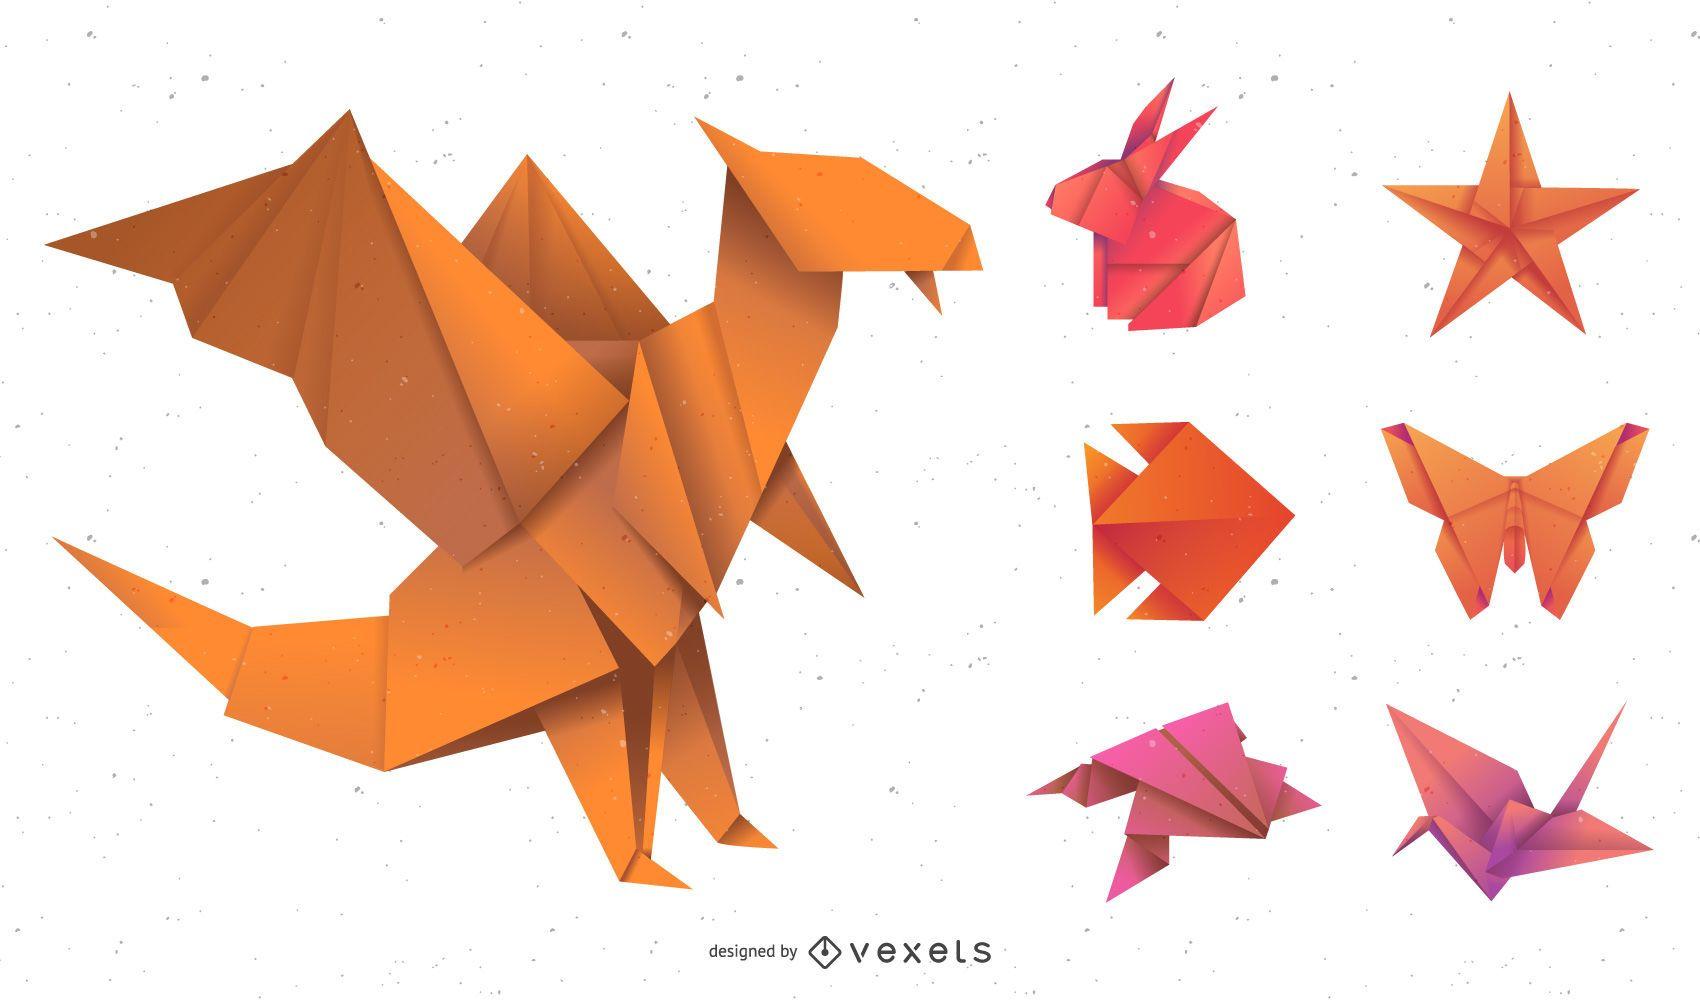 Paquete de animales de origami degradado